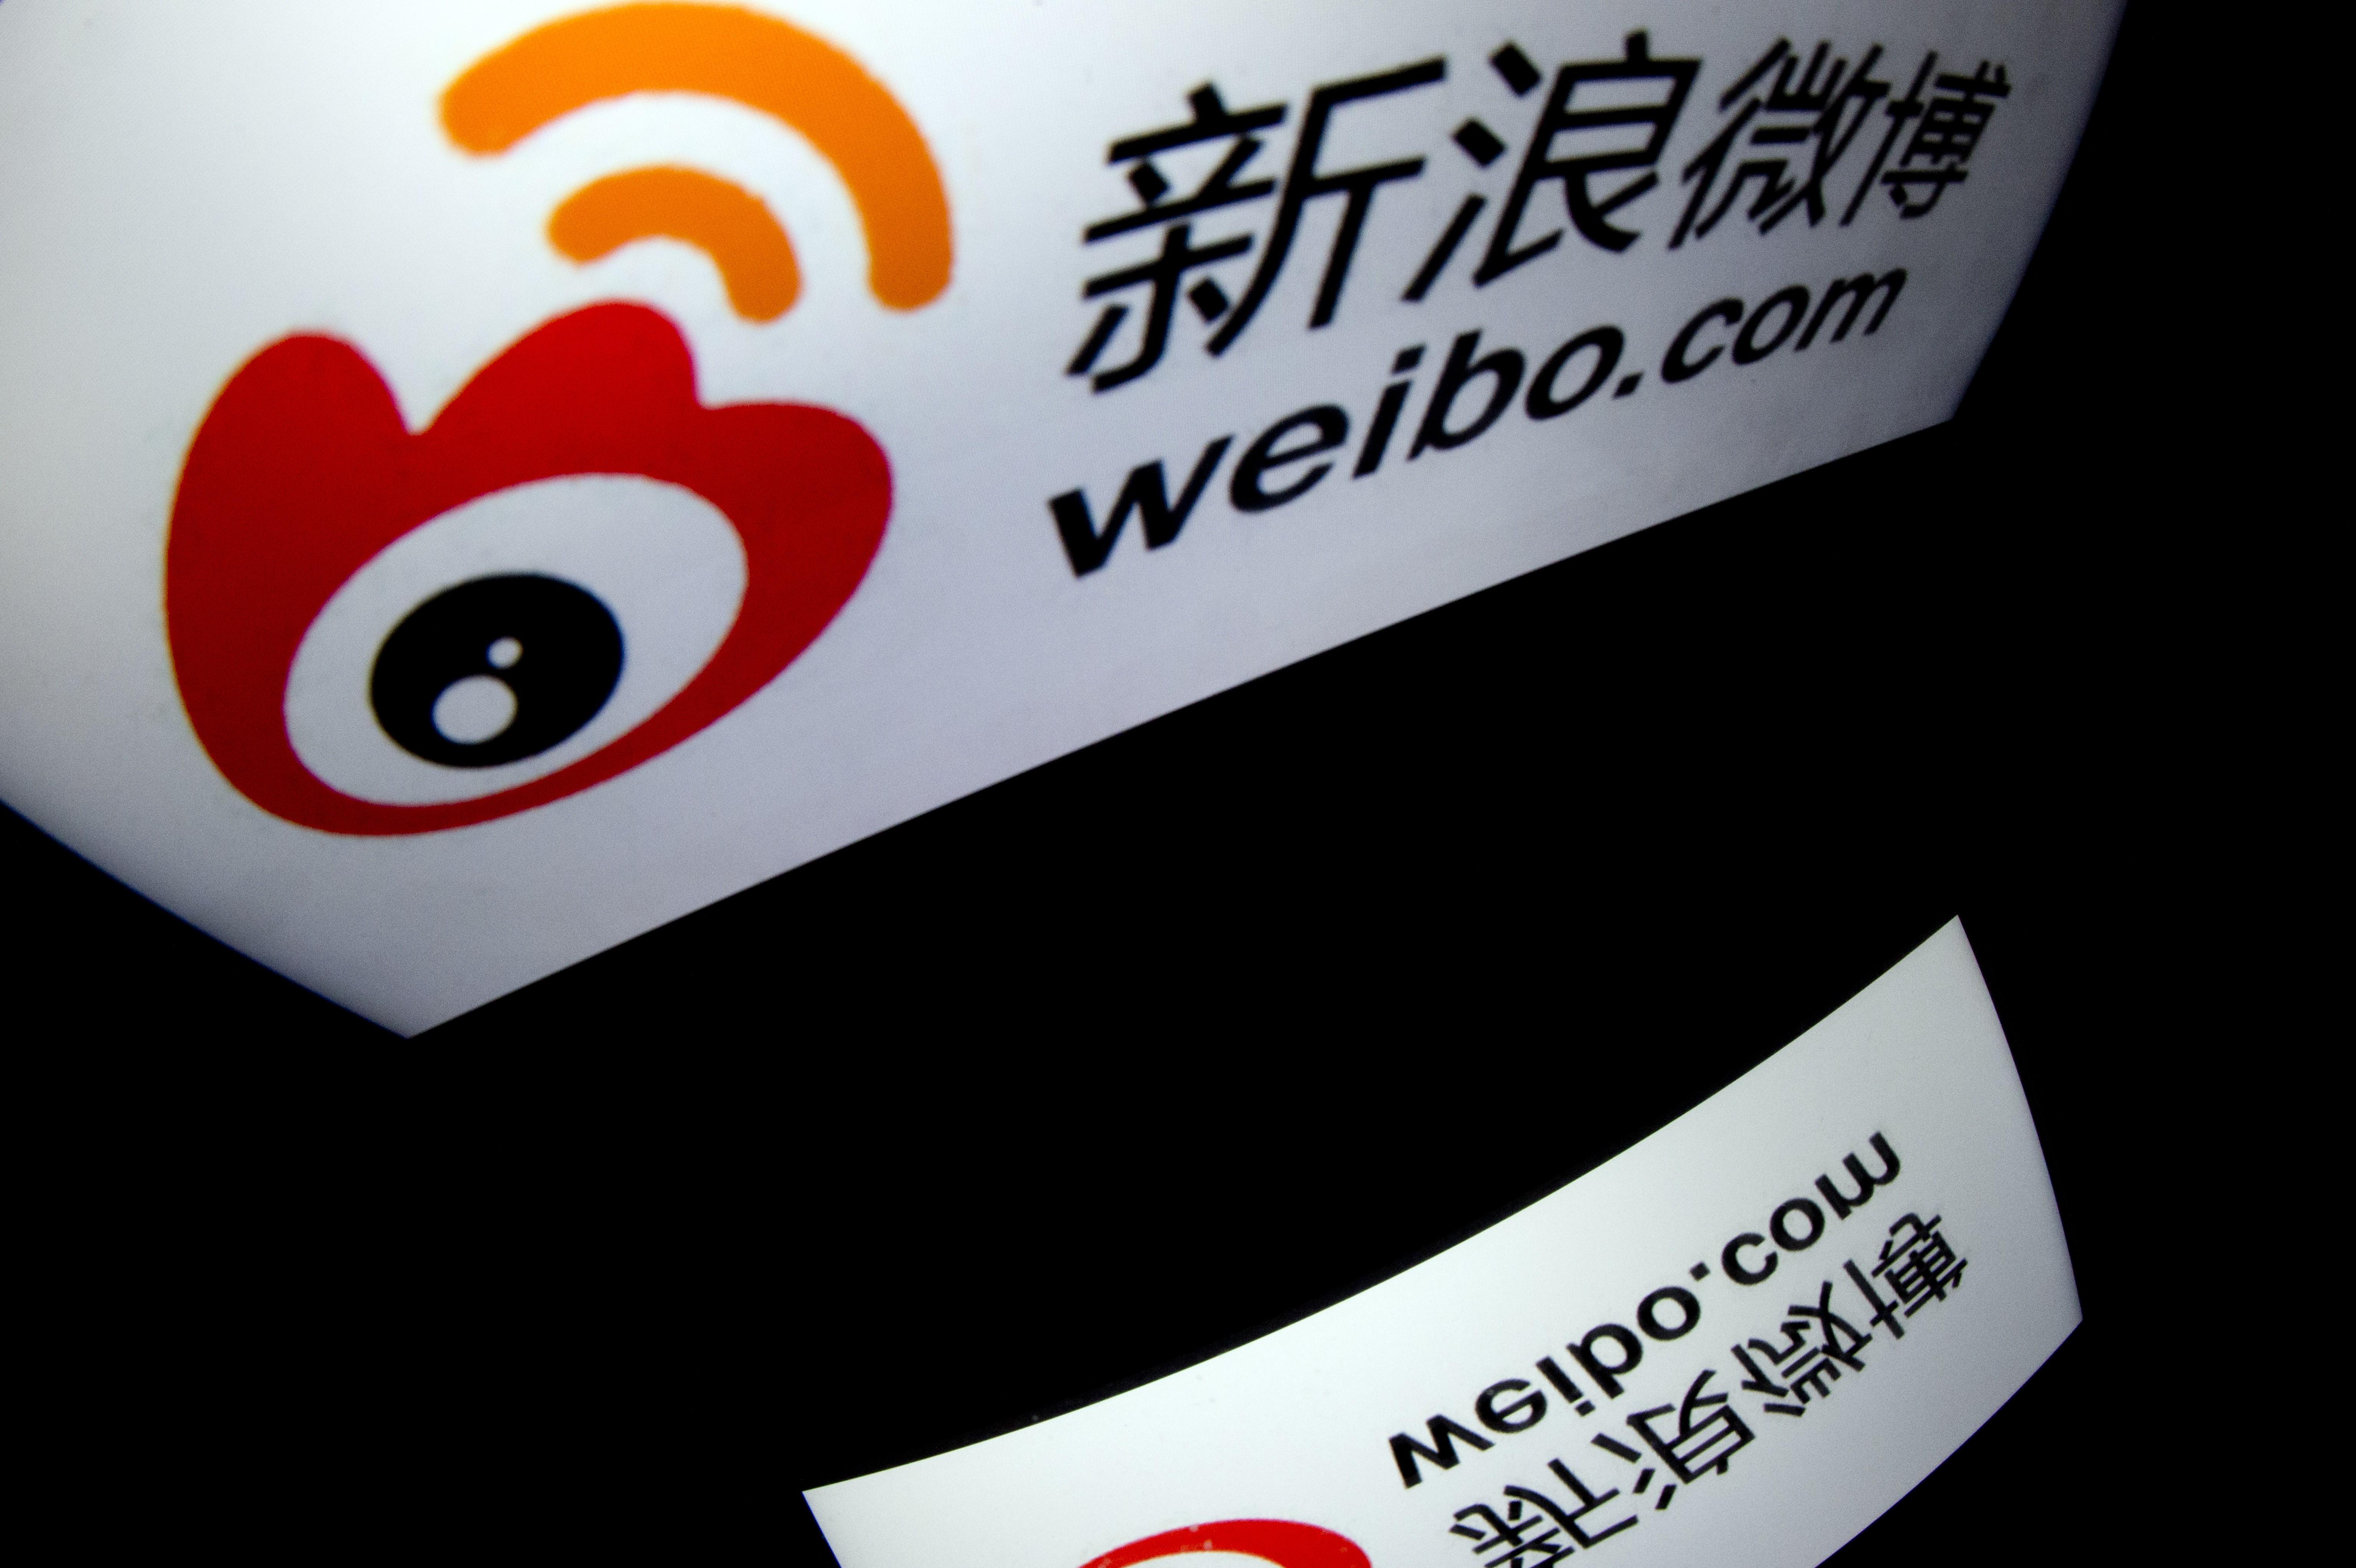 中共收緊「大V」話語權 於建嶸微博被禁言